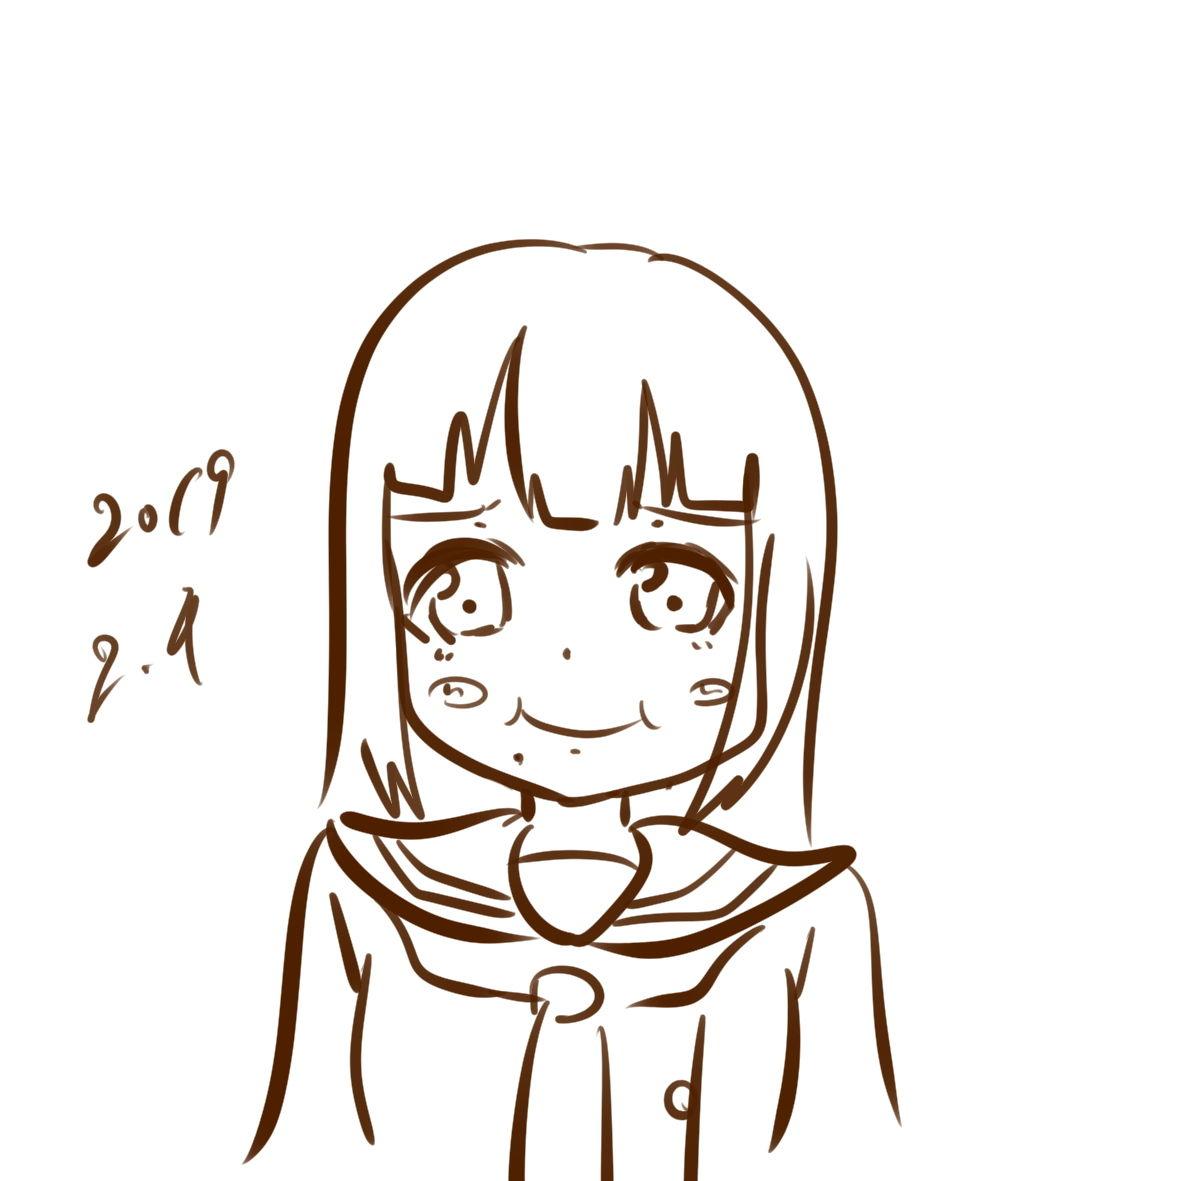 ダイヤさんイラスト集アニメ画像